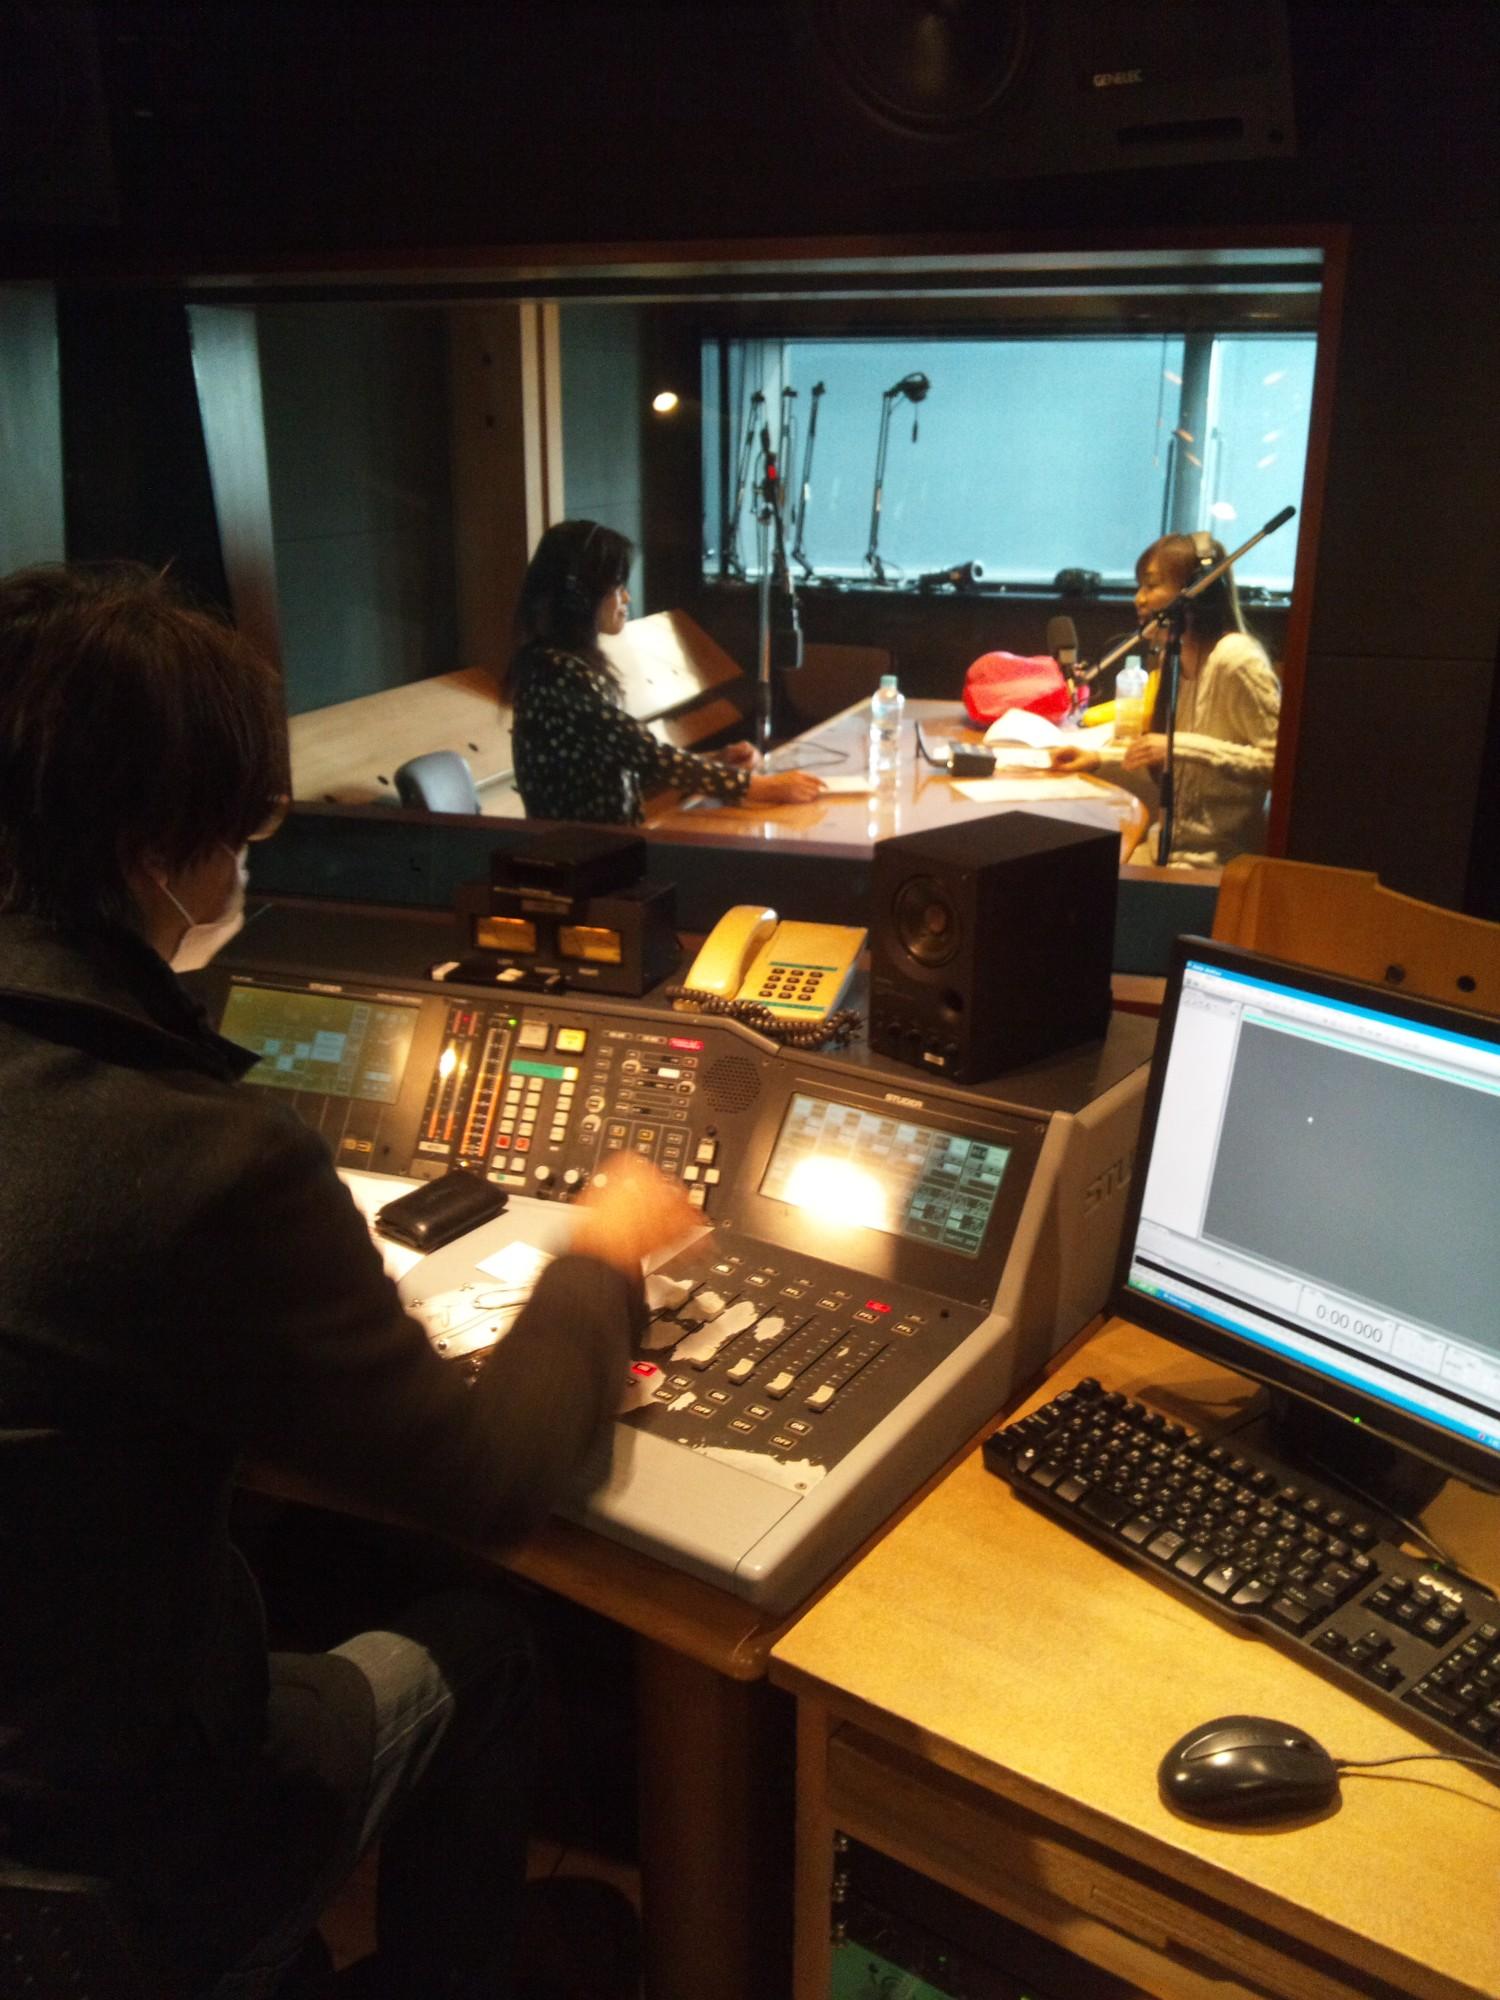 【メディア掲載】東京FM「中西哲生のクロノス」でご紹介いただきます!